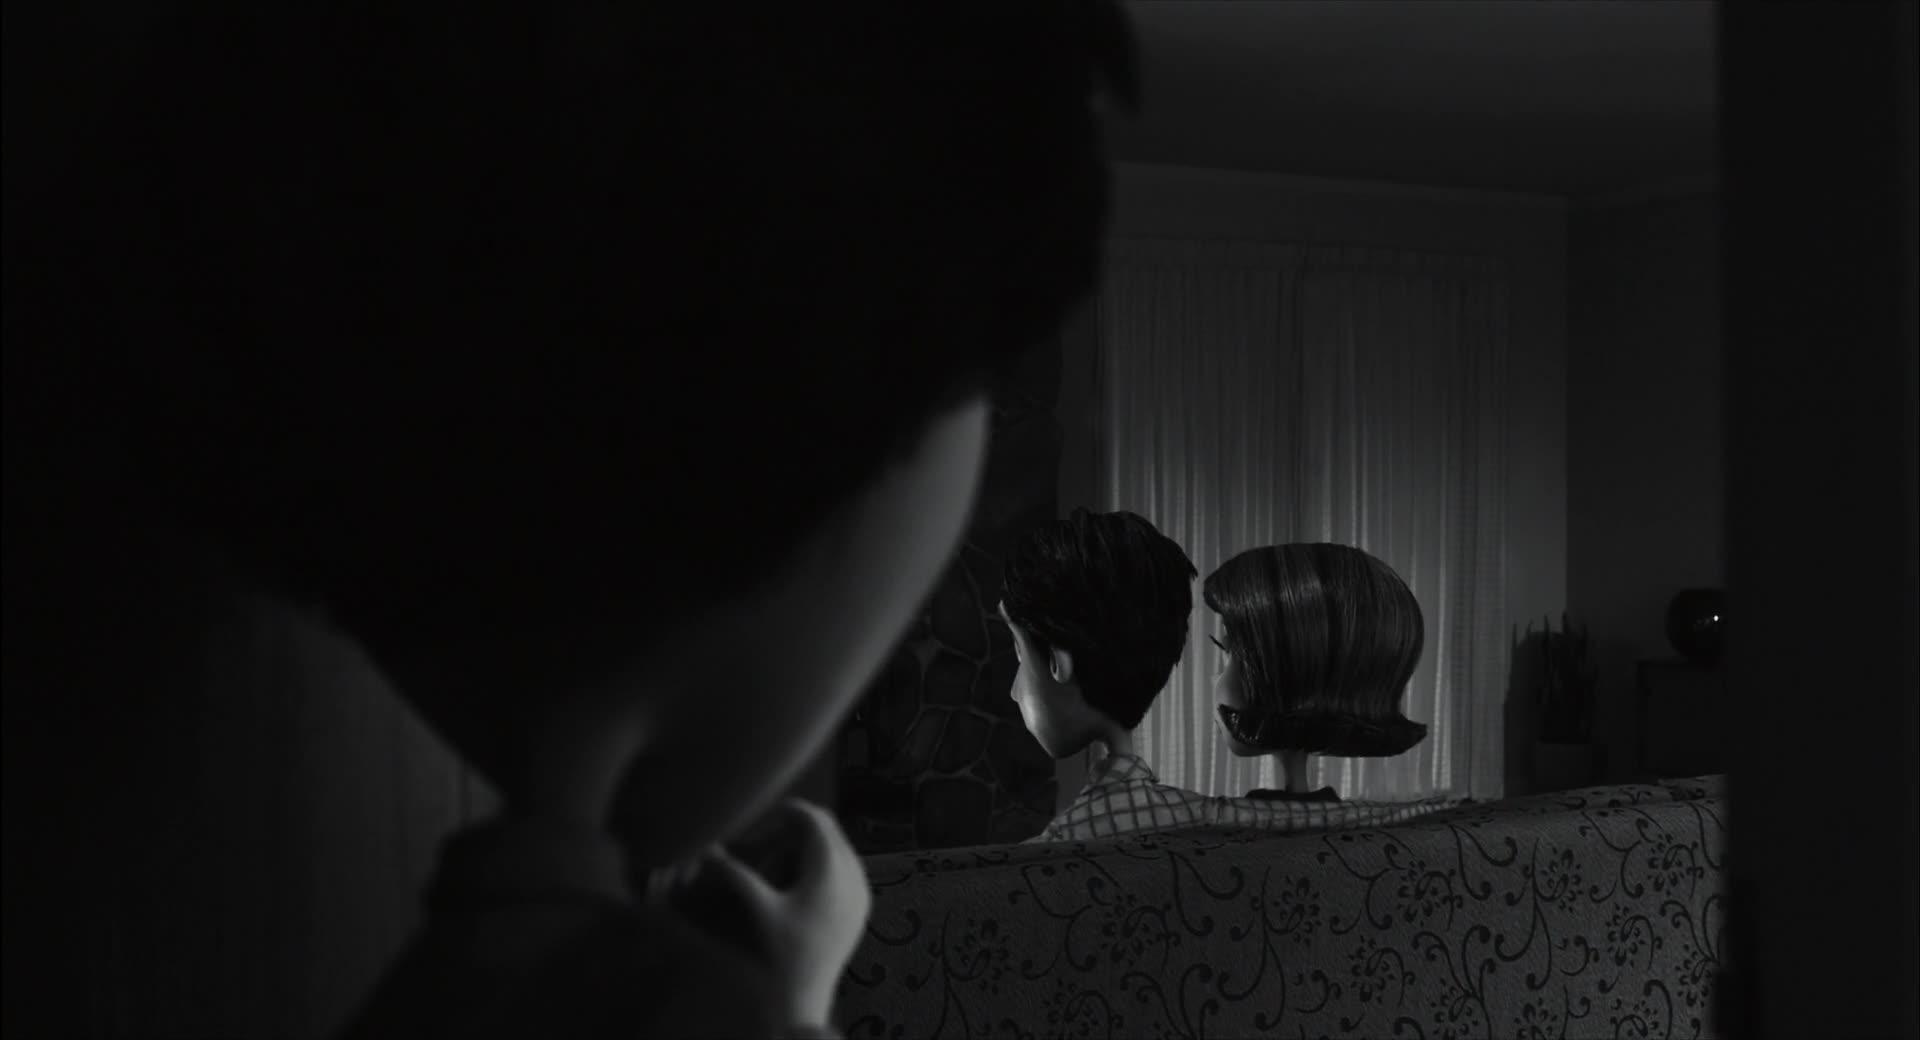 Frankenweenie film still 1